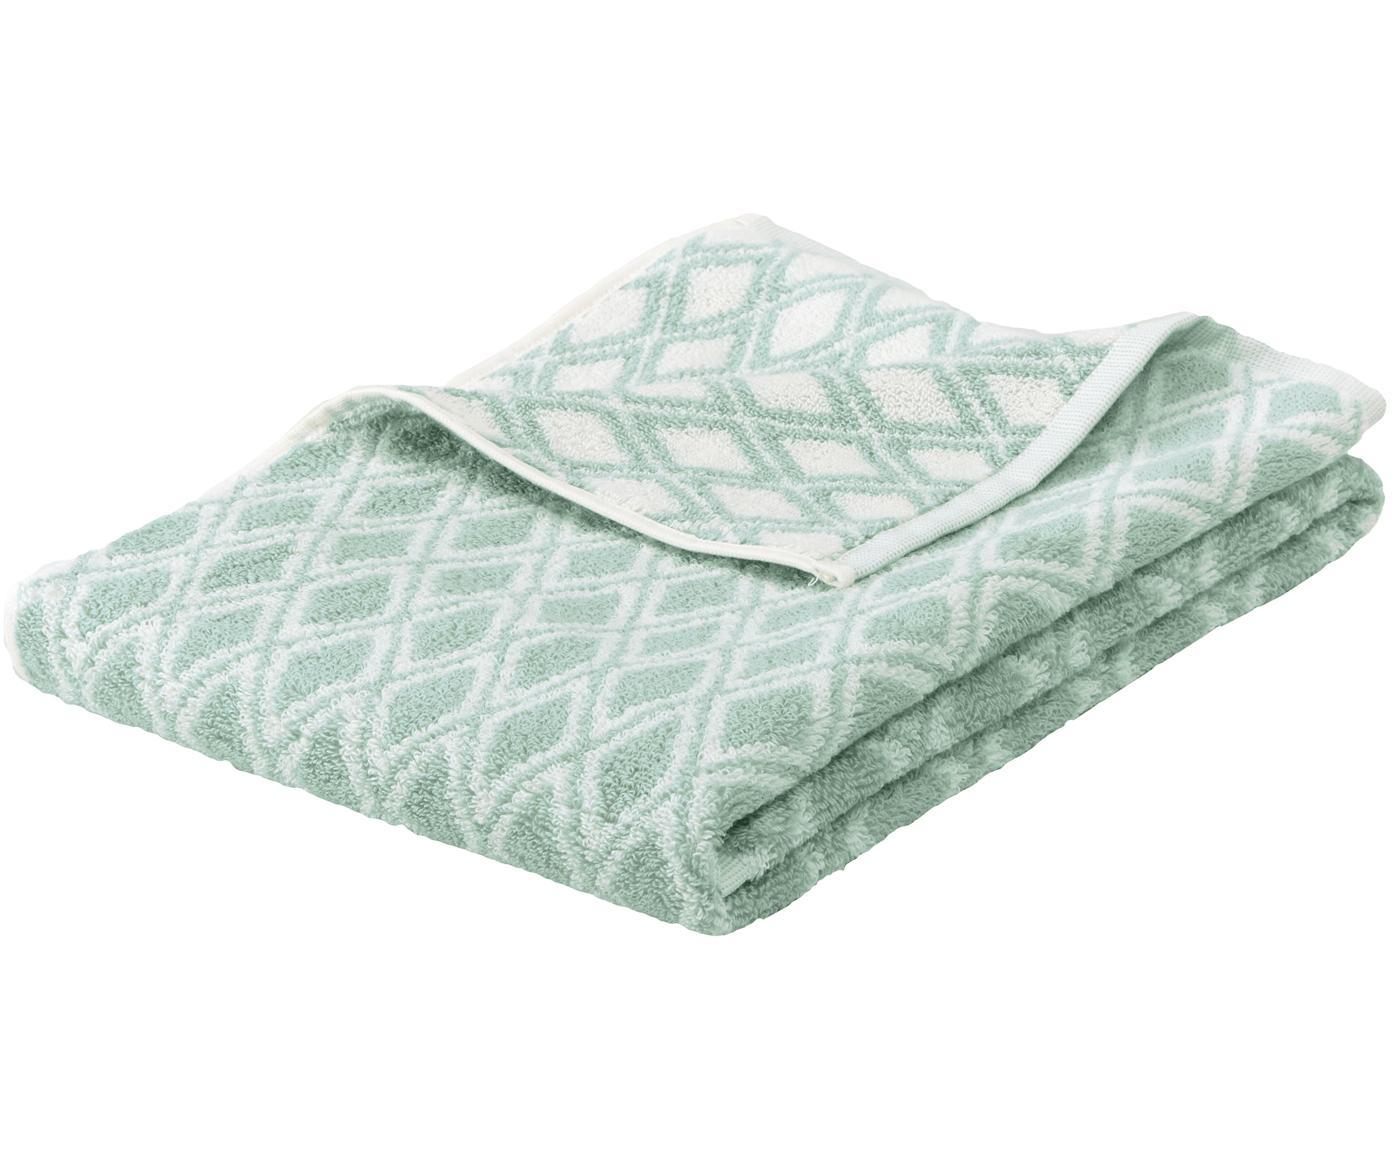 Wende-Handtuch Ava in verschiedenen Größen, mit grafischem Muster, Mintgrün, Cremeweiß, Handtuch